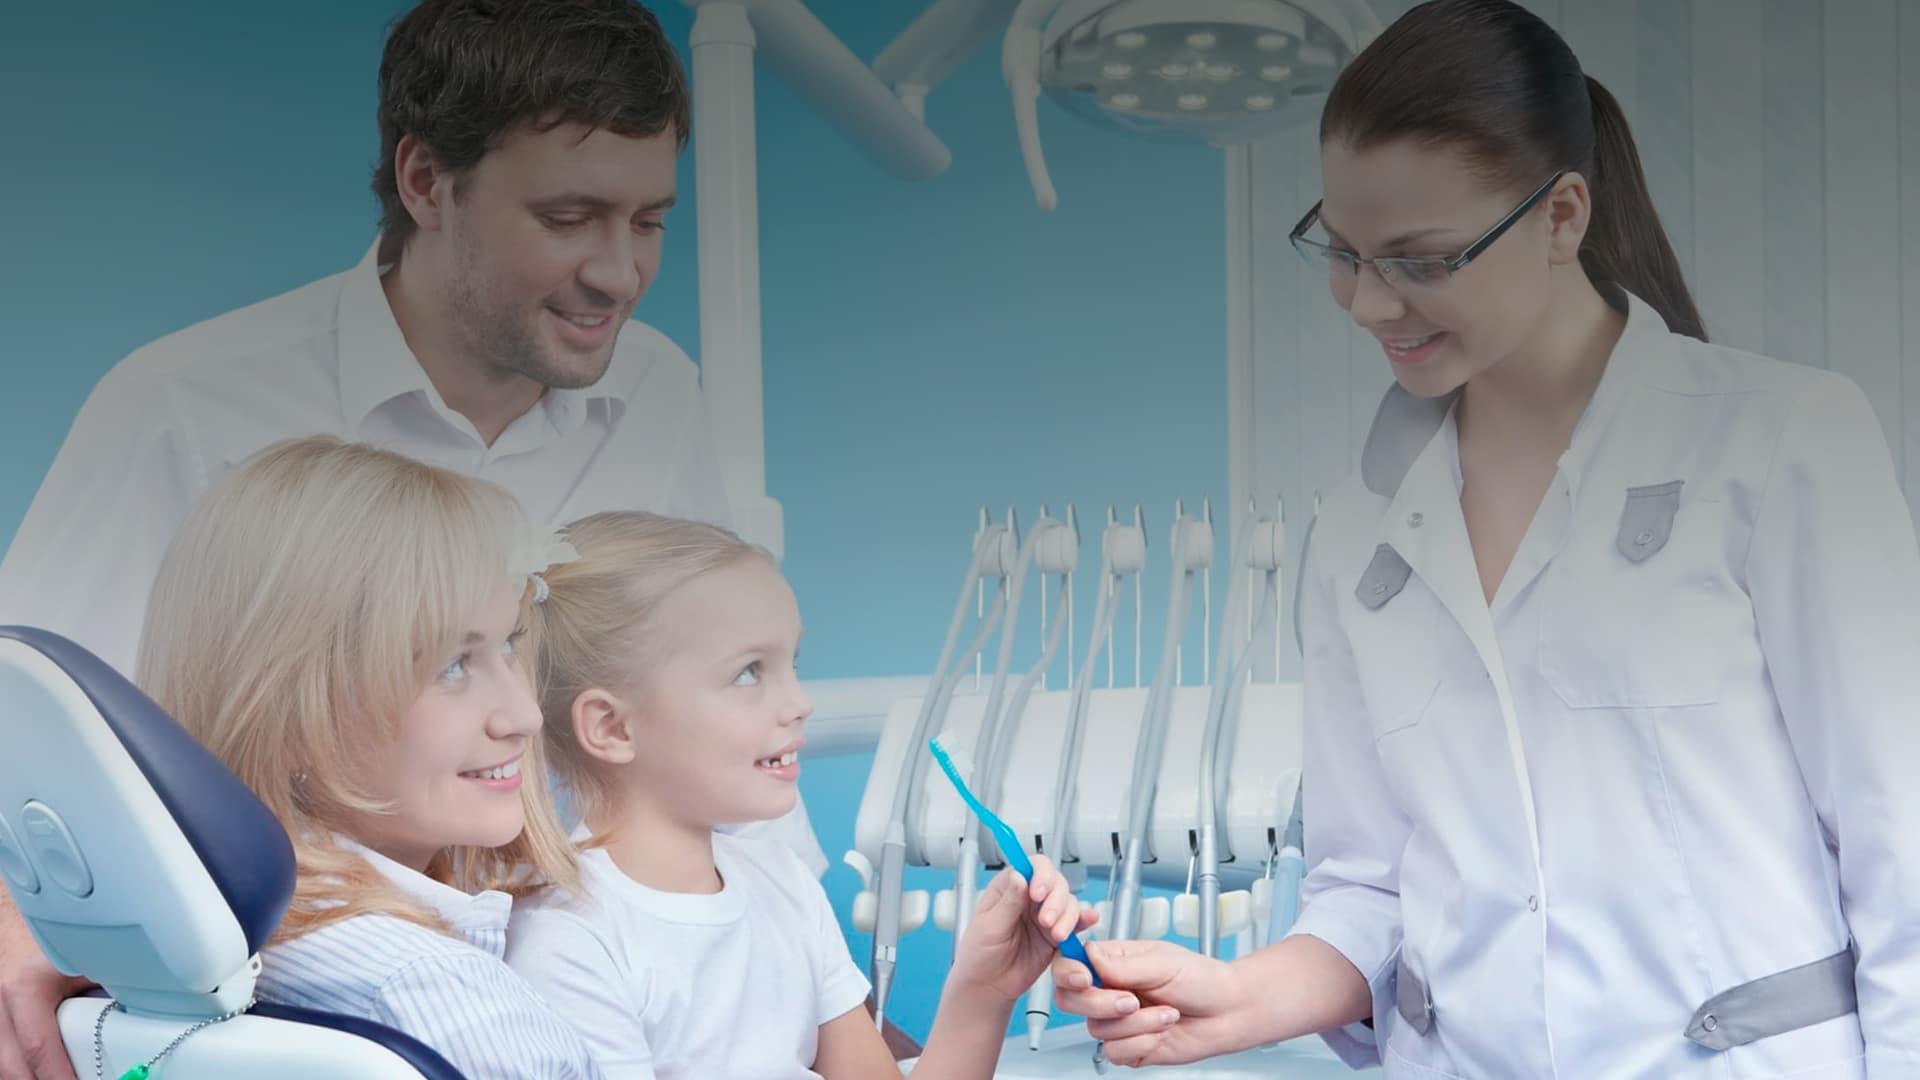 Primera revisión de ortodoncia infantil